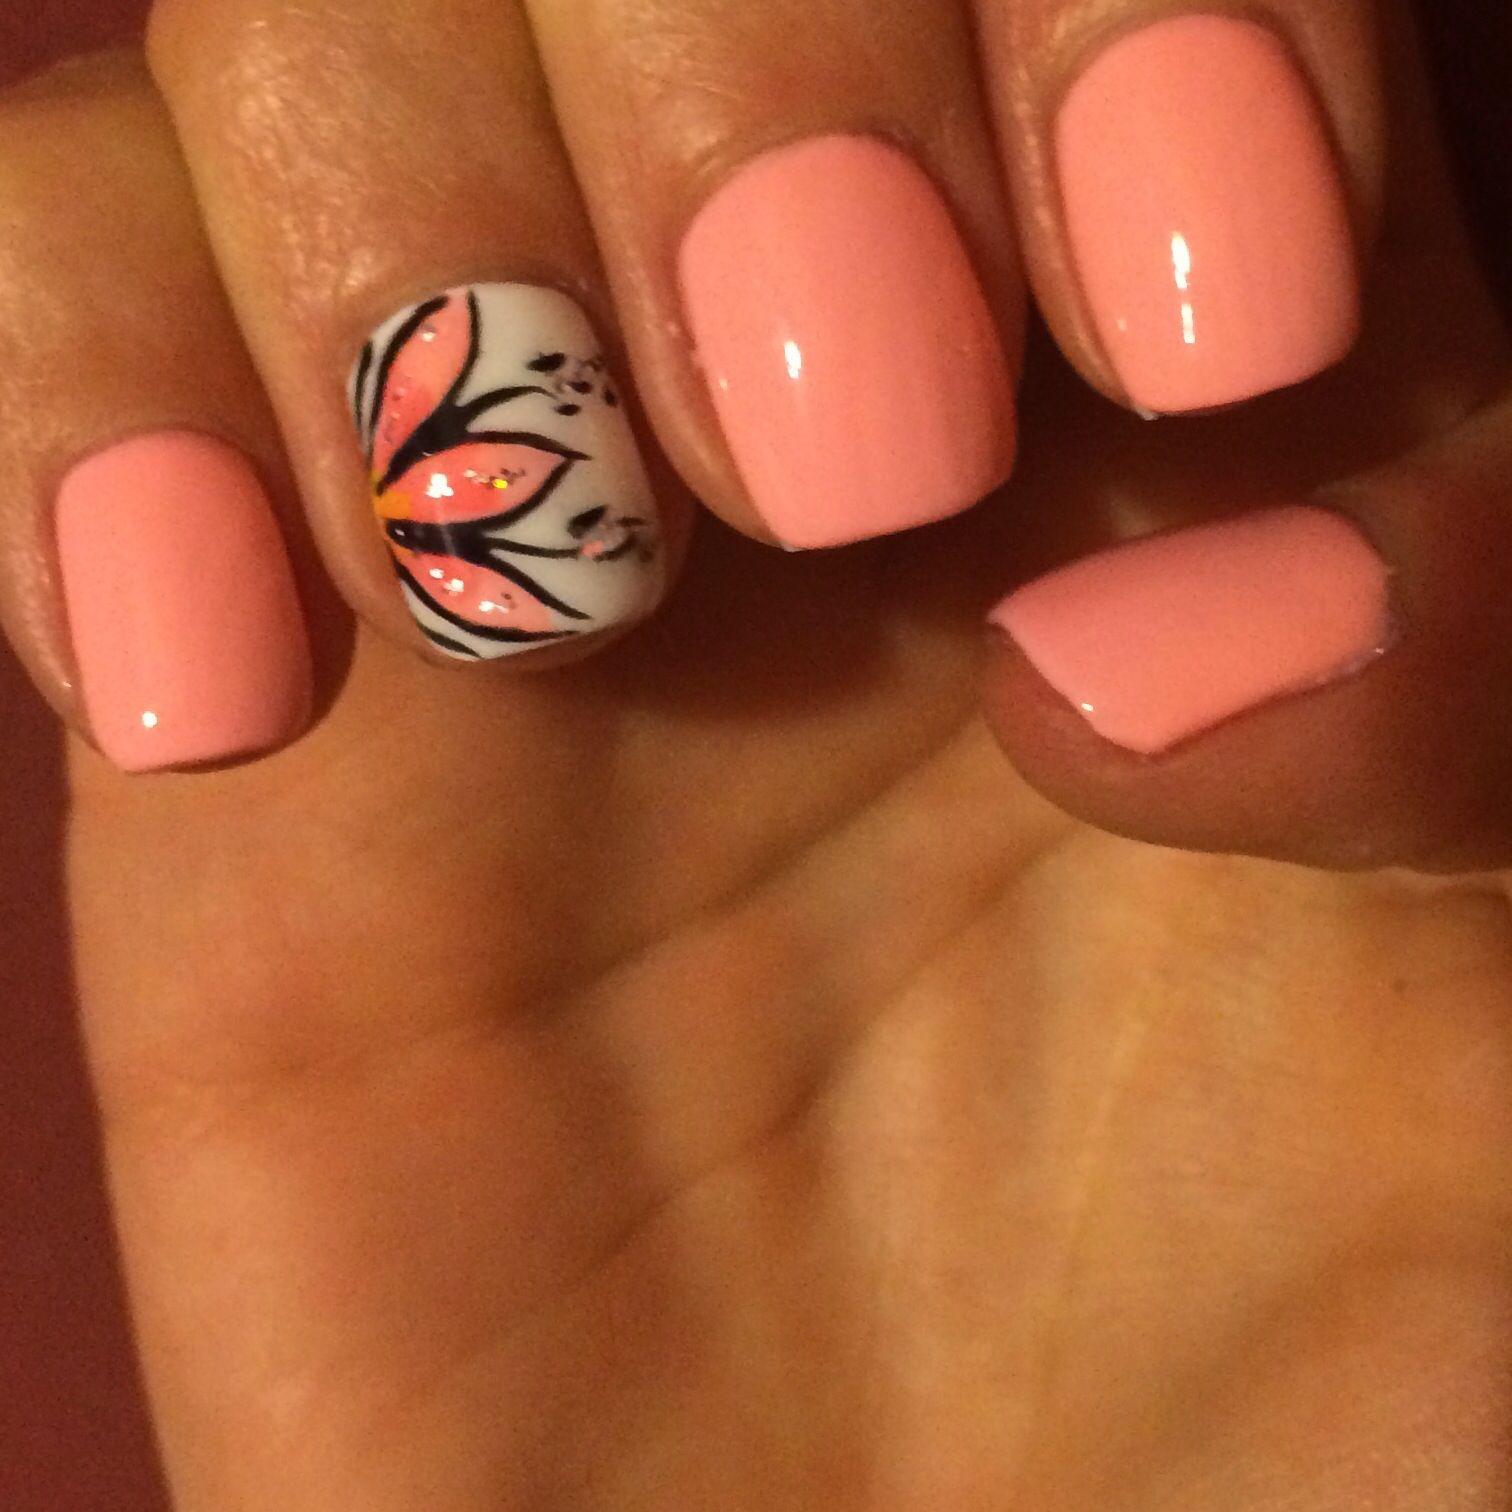 Blossomflower Design Nail Art Pinterest Mani Pedi Summer And